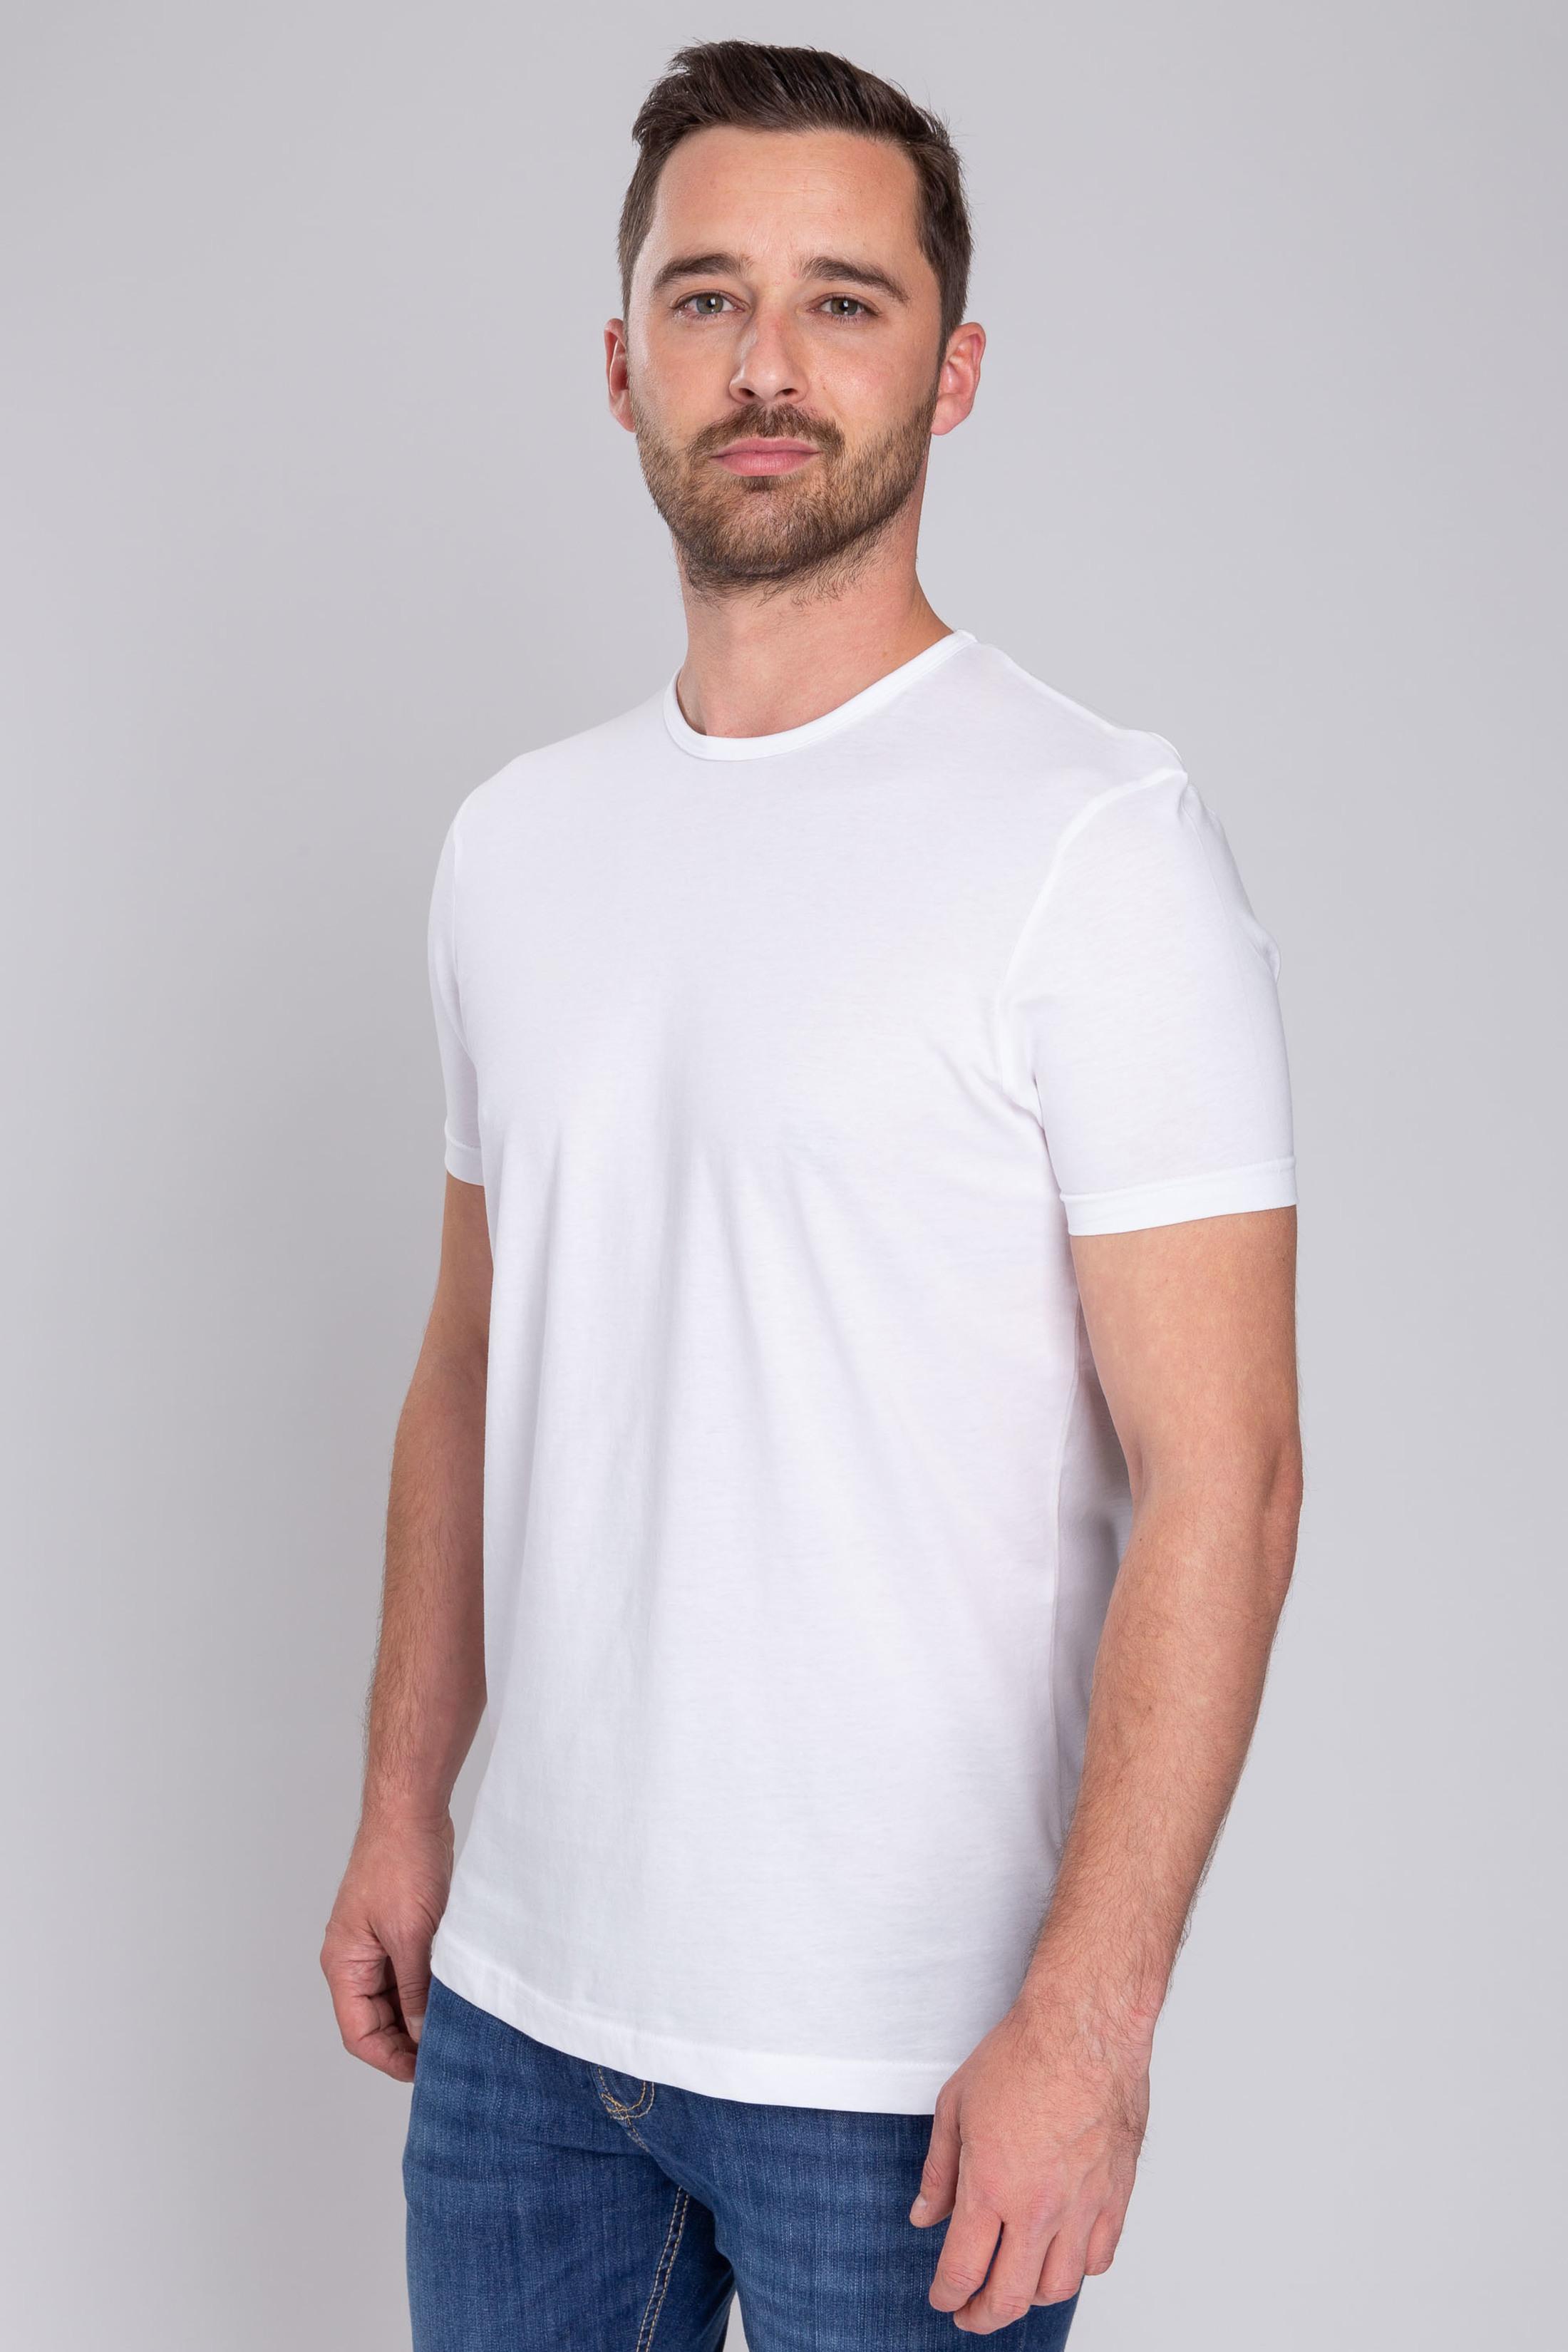 T-Shirt Rund Hals 6-Pack (6 Stück) Weiß foto 6